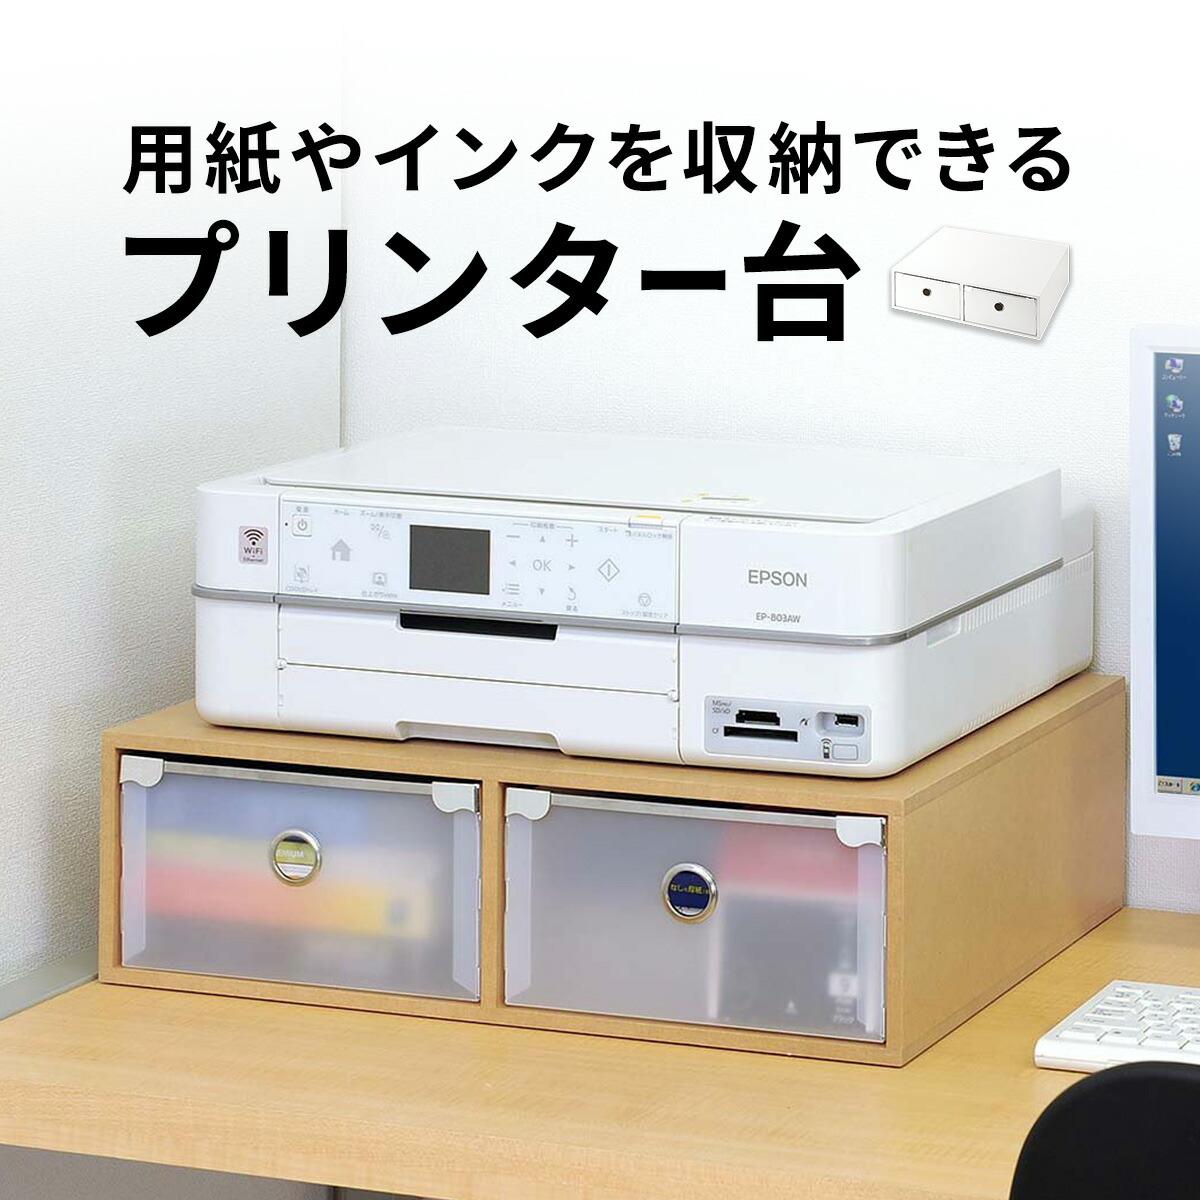 プリンター台 卓上 引き出し付 プリンタの下に用紙やインクを収納可 プリンターラック プリンタ台